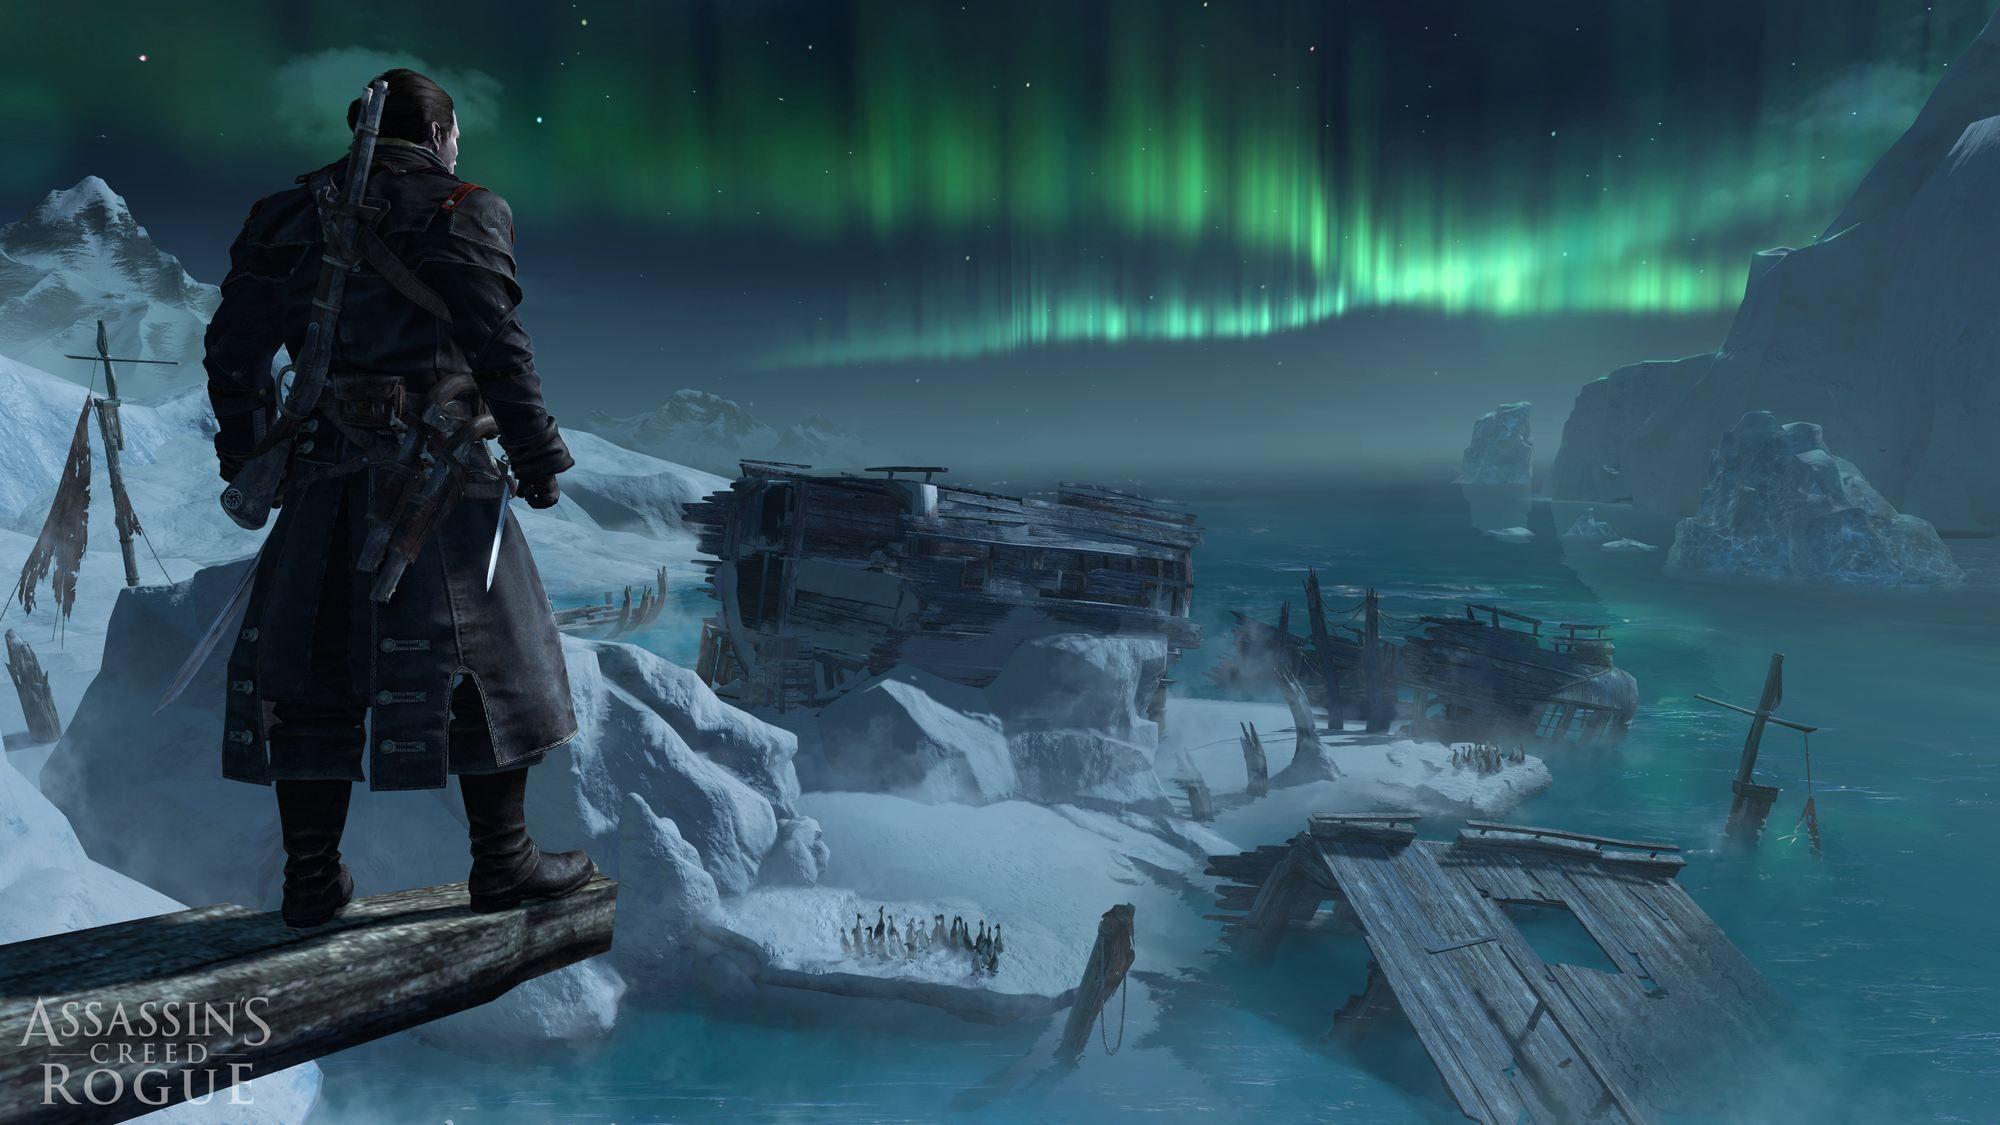 Assassin's Creed Rogue - Essentials (PS3) - 6